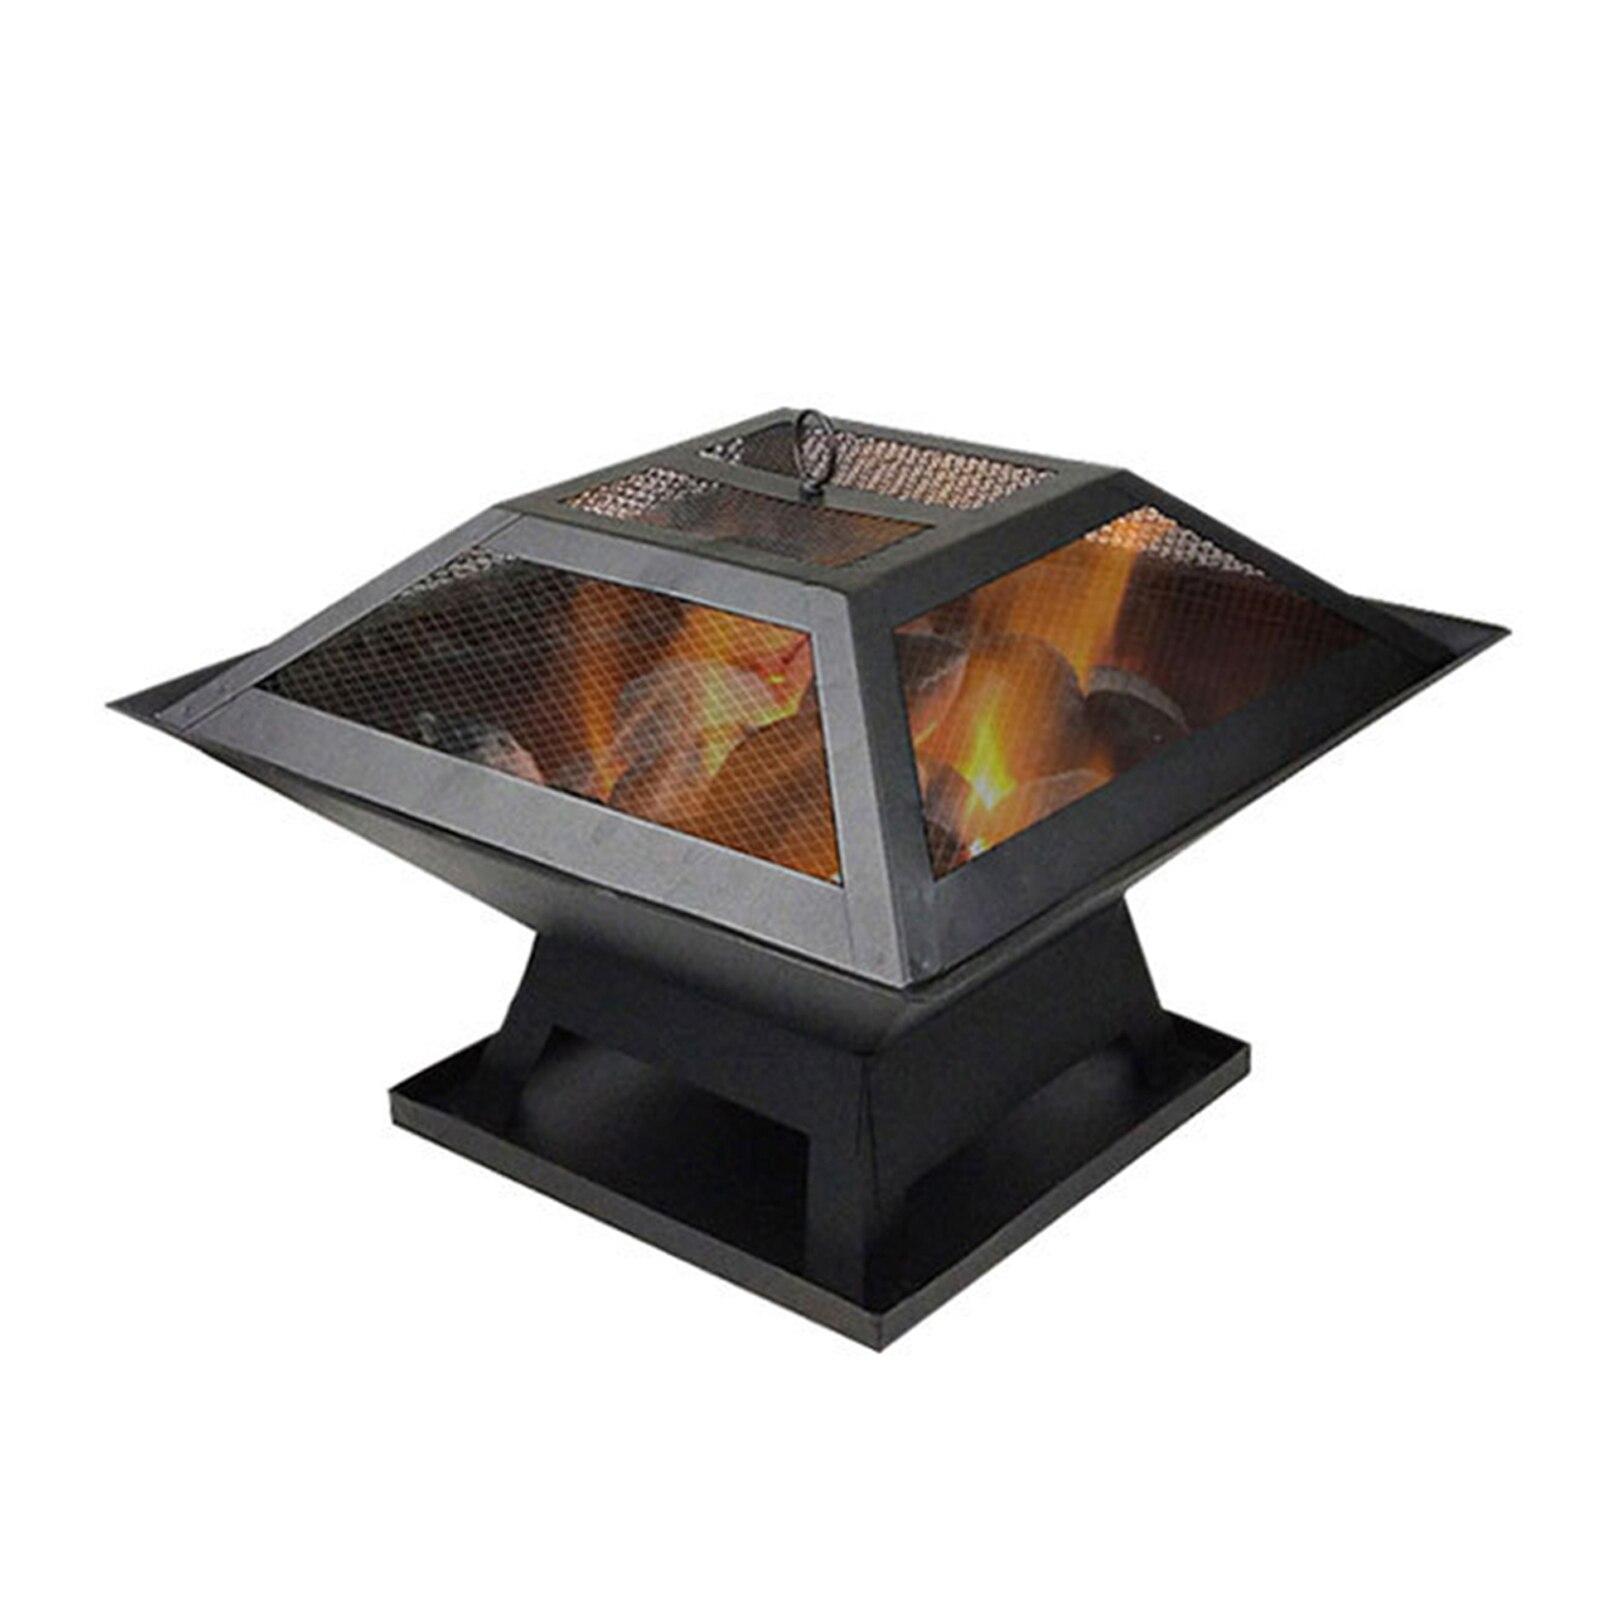 capa grill para churrasco ao ar livre